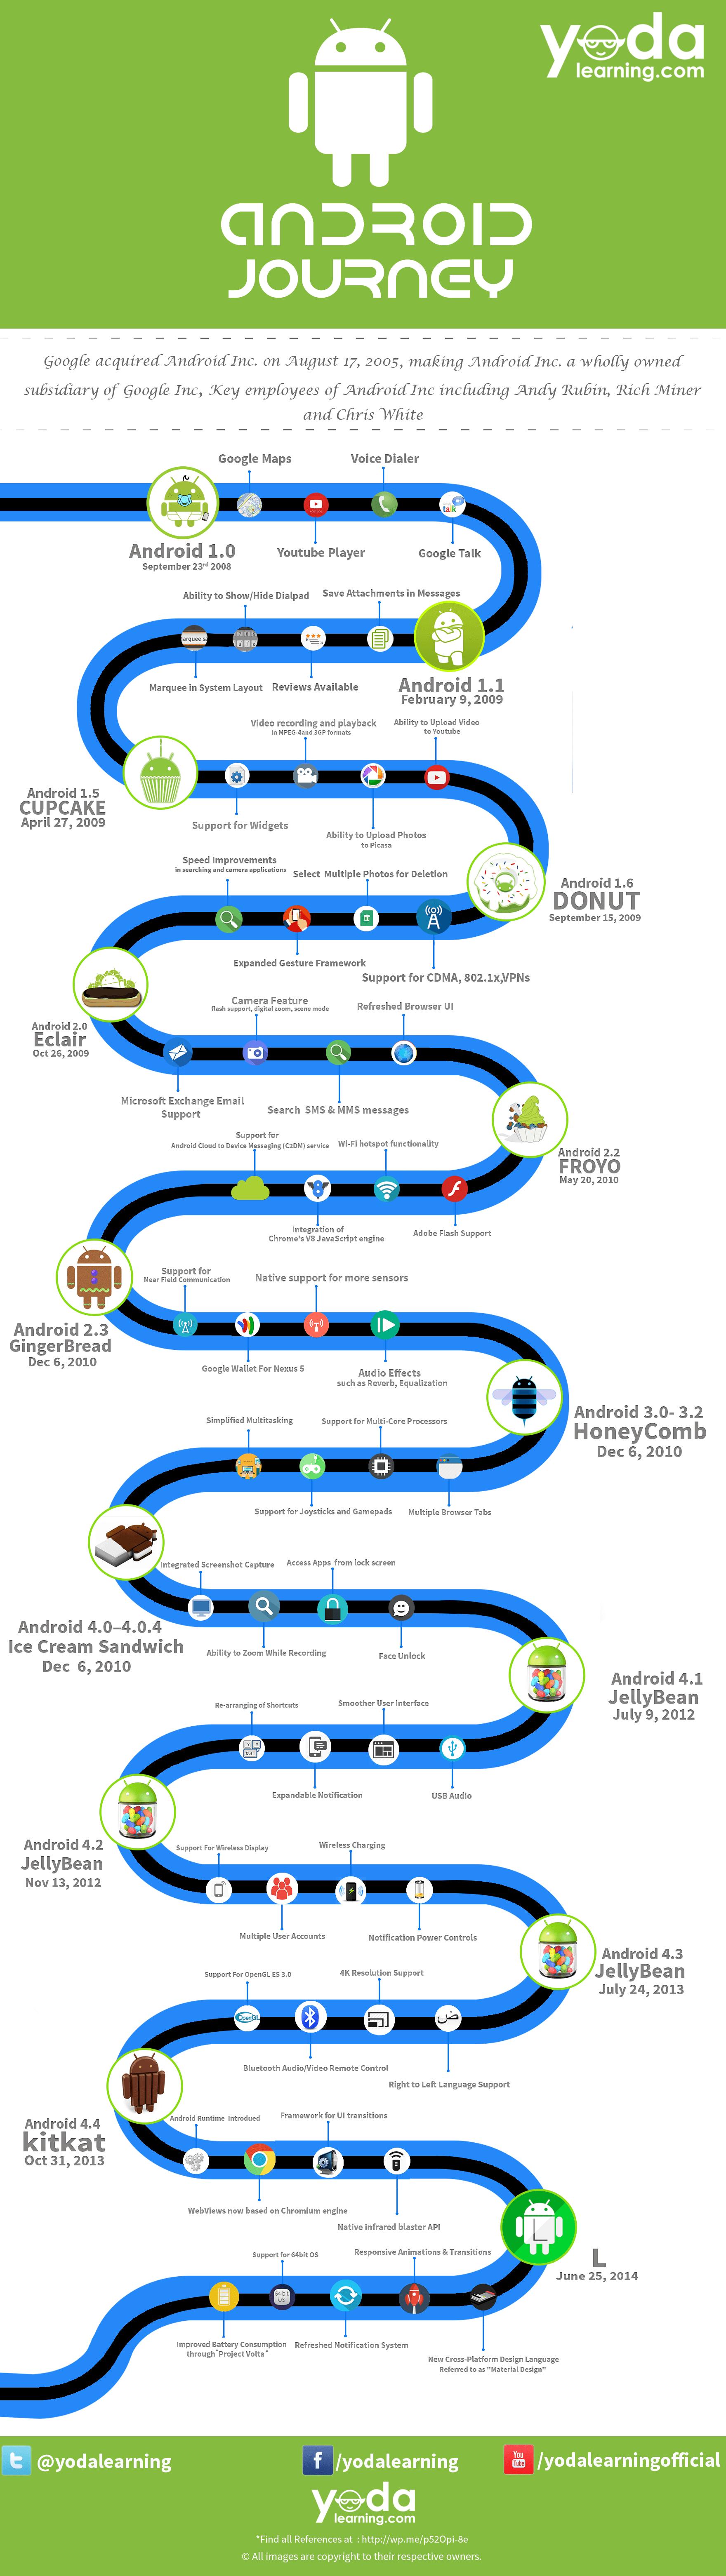 Infografica creata da Yodalearning.com contenente tutti gli step evolutivi del sistema operativo mobile più famoso al mondo targato Google, Android.